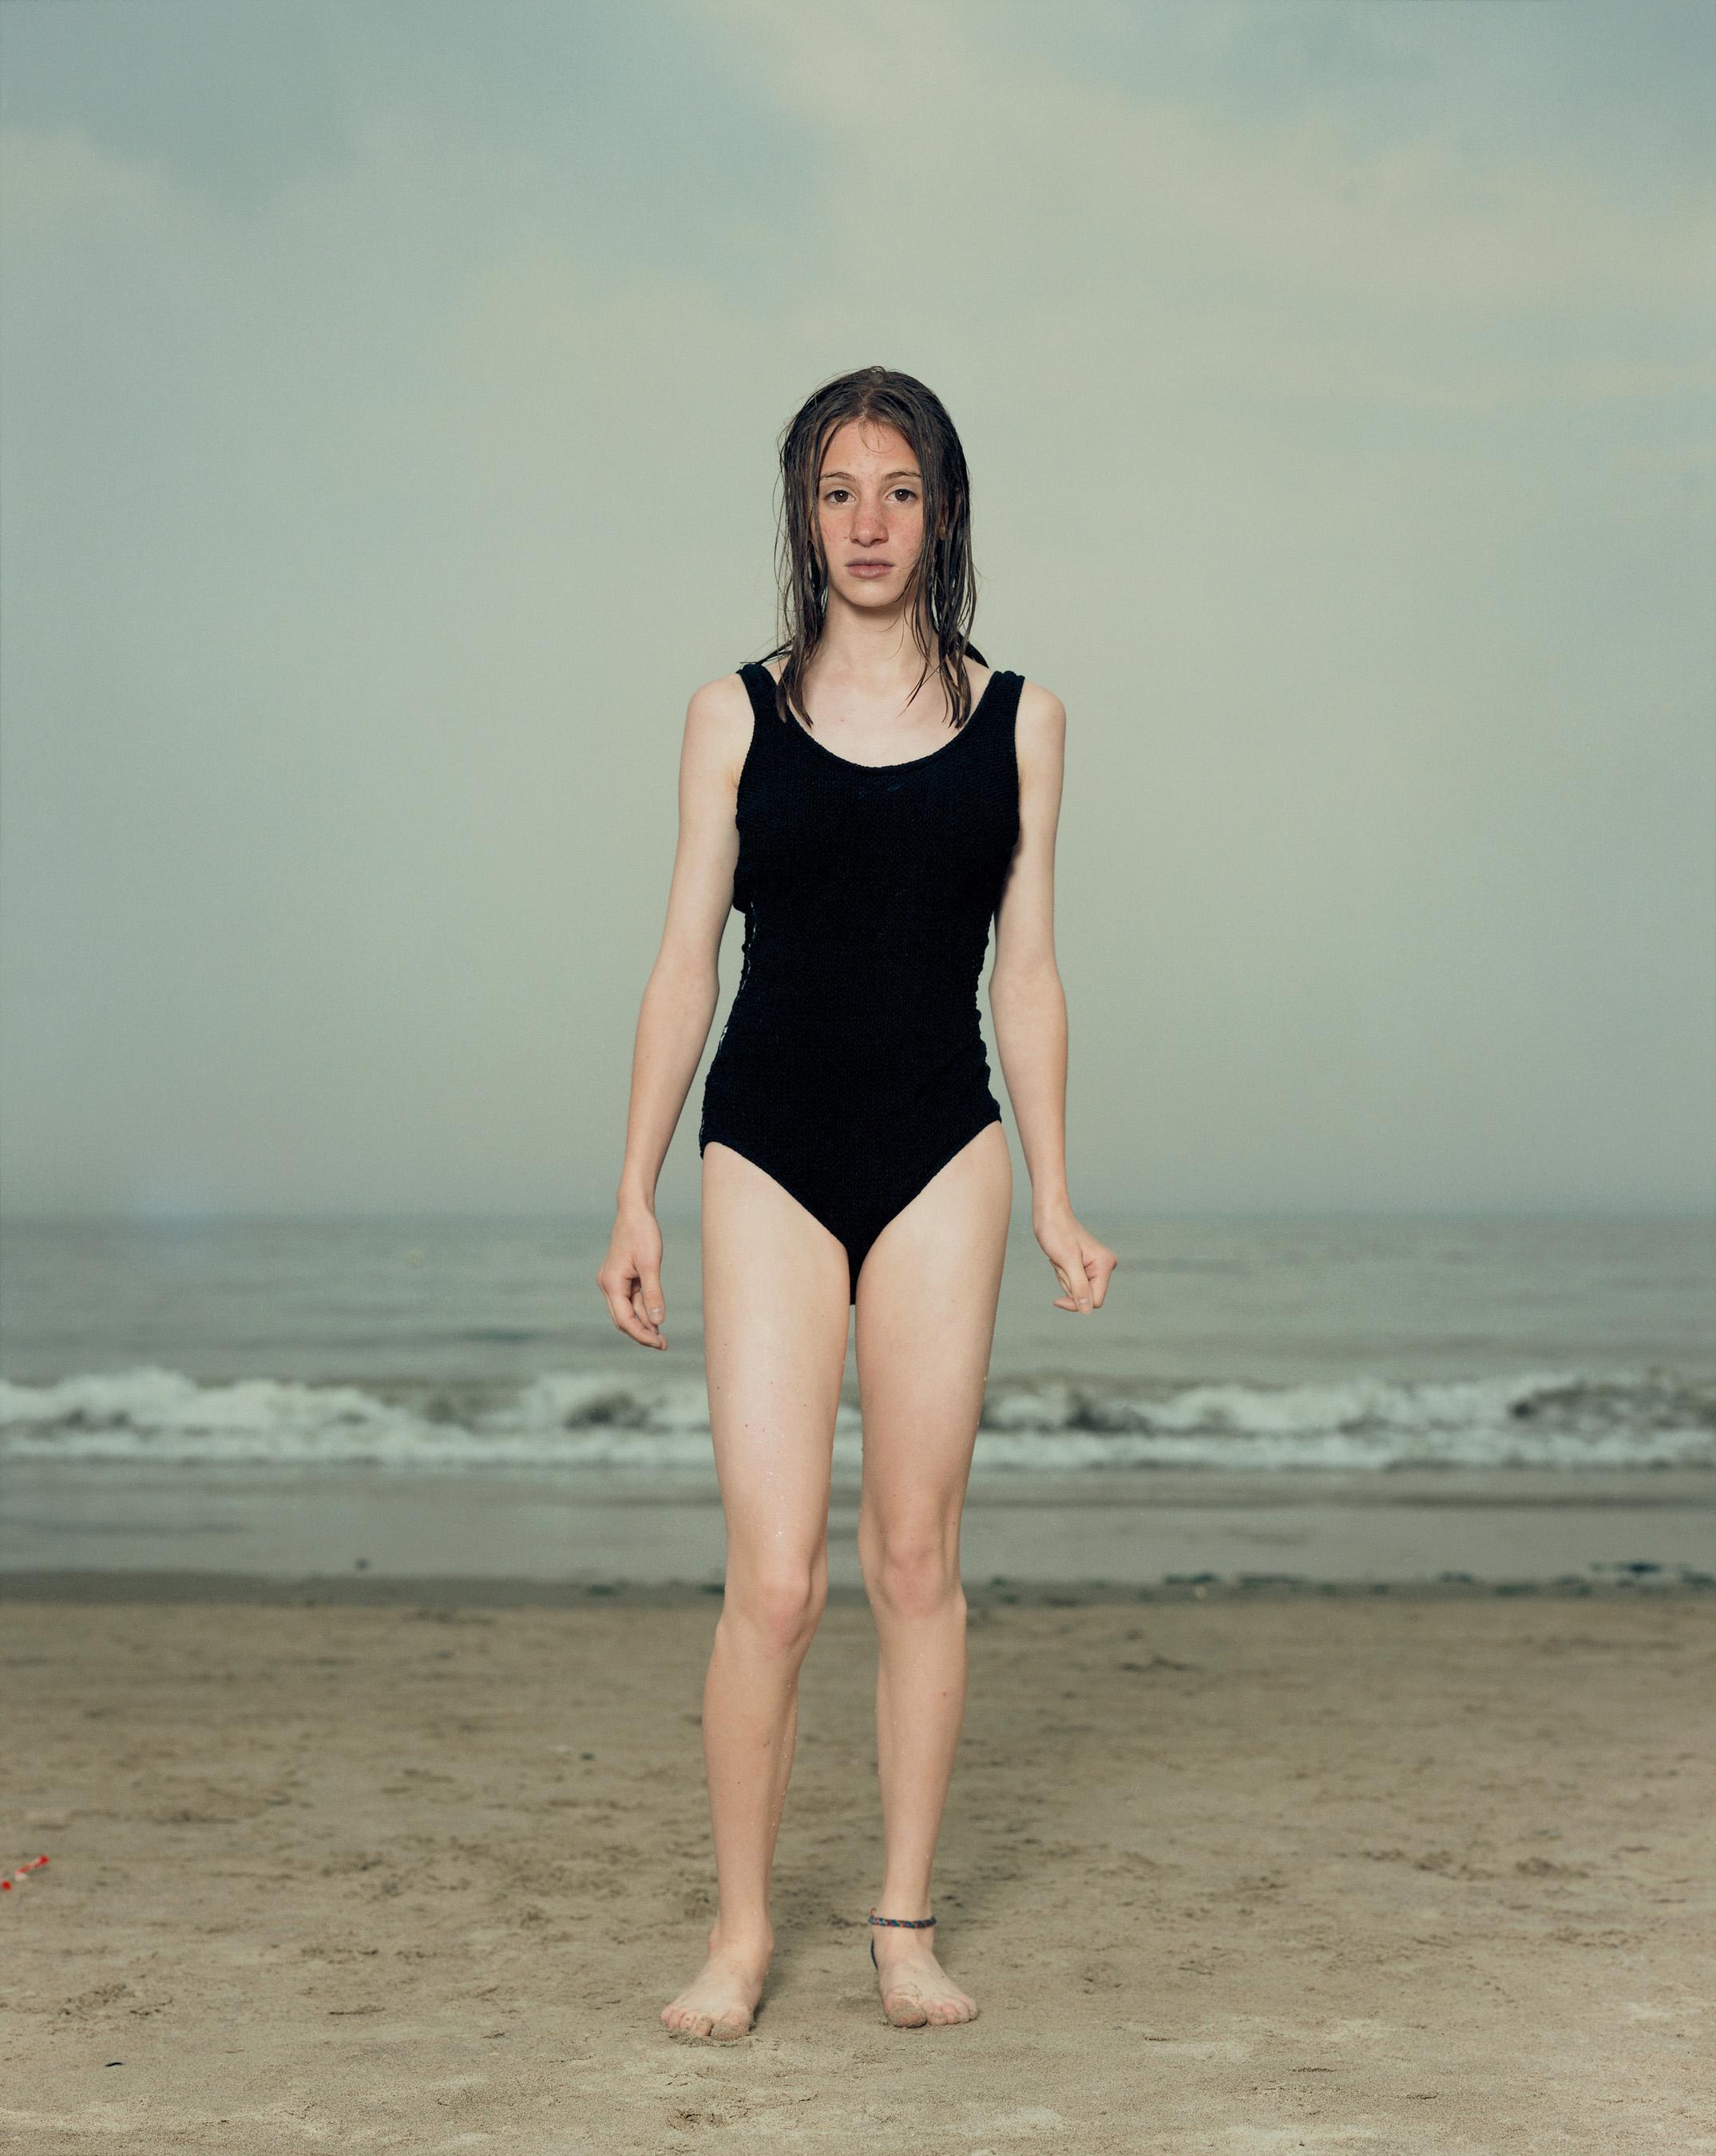 Meisje aan strand